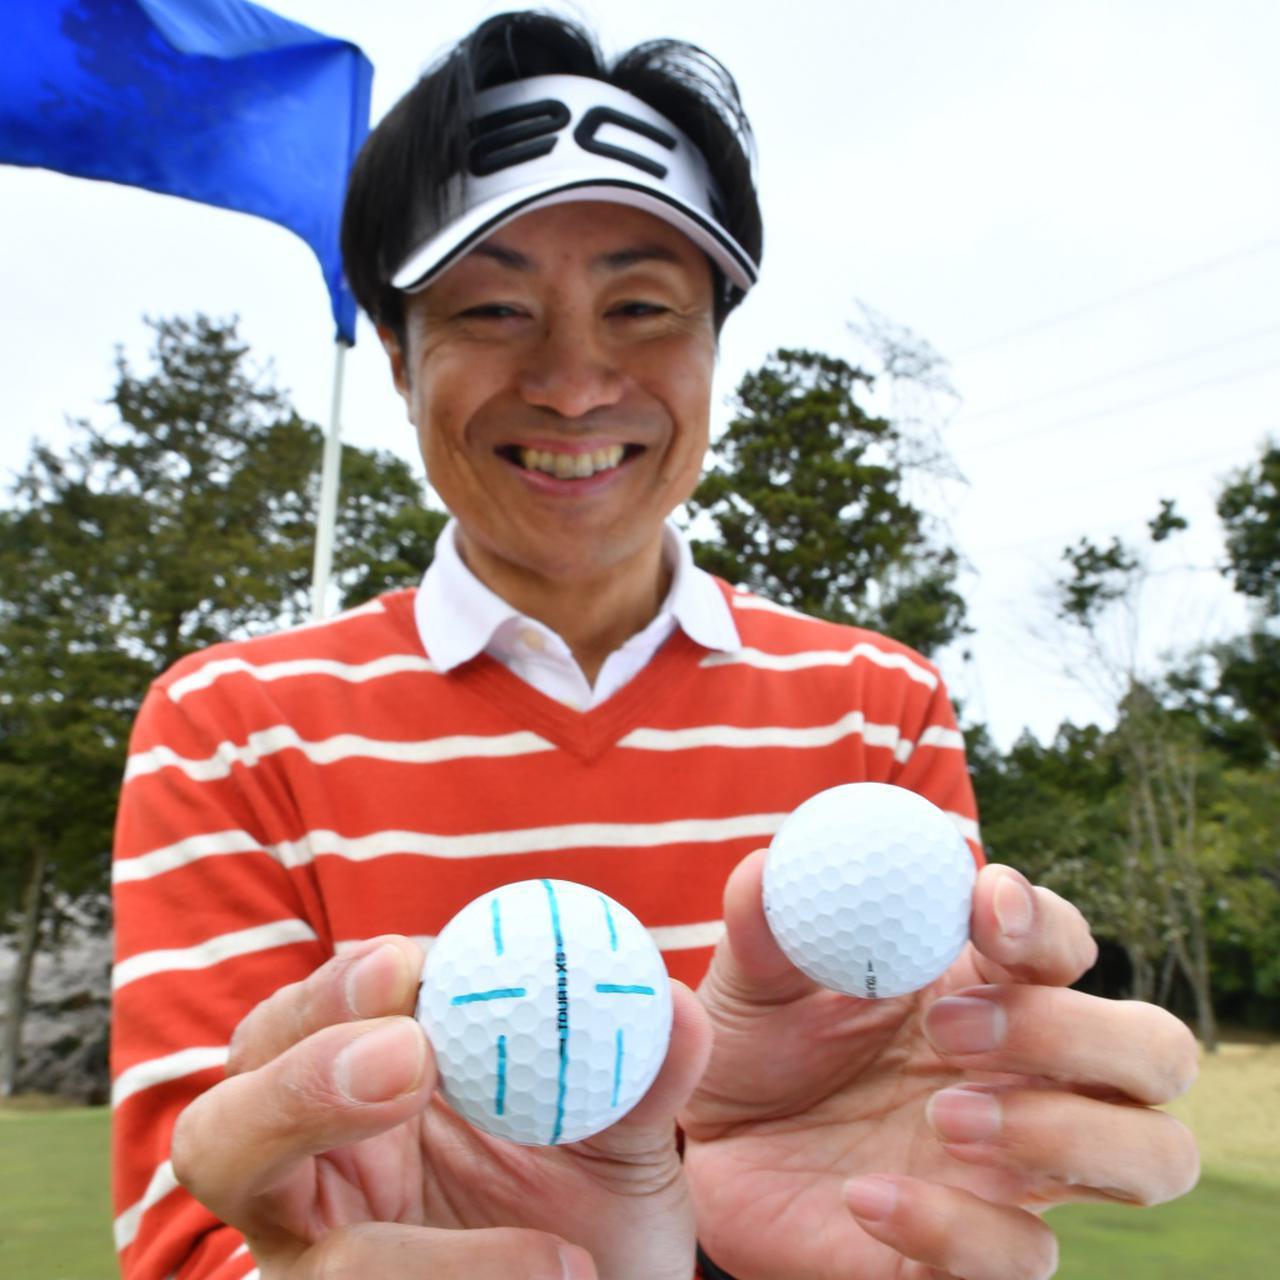 画像: 【解説】伊丹大介 プロからジュニアまで幅広く指導。わかりやすいレッスンには定評がある。日本ゴルフアカデミー代表